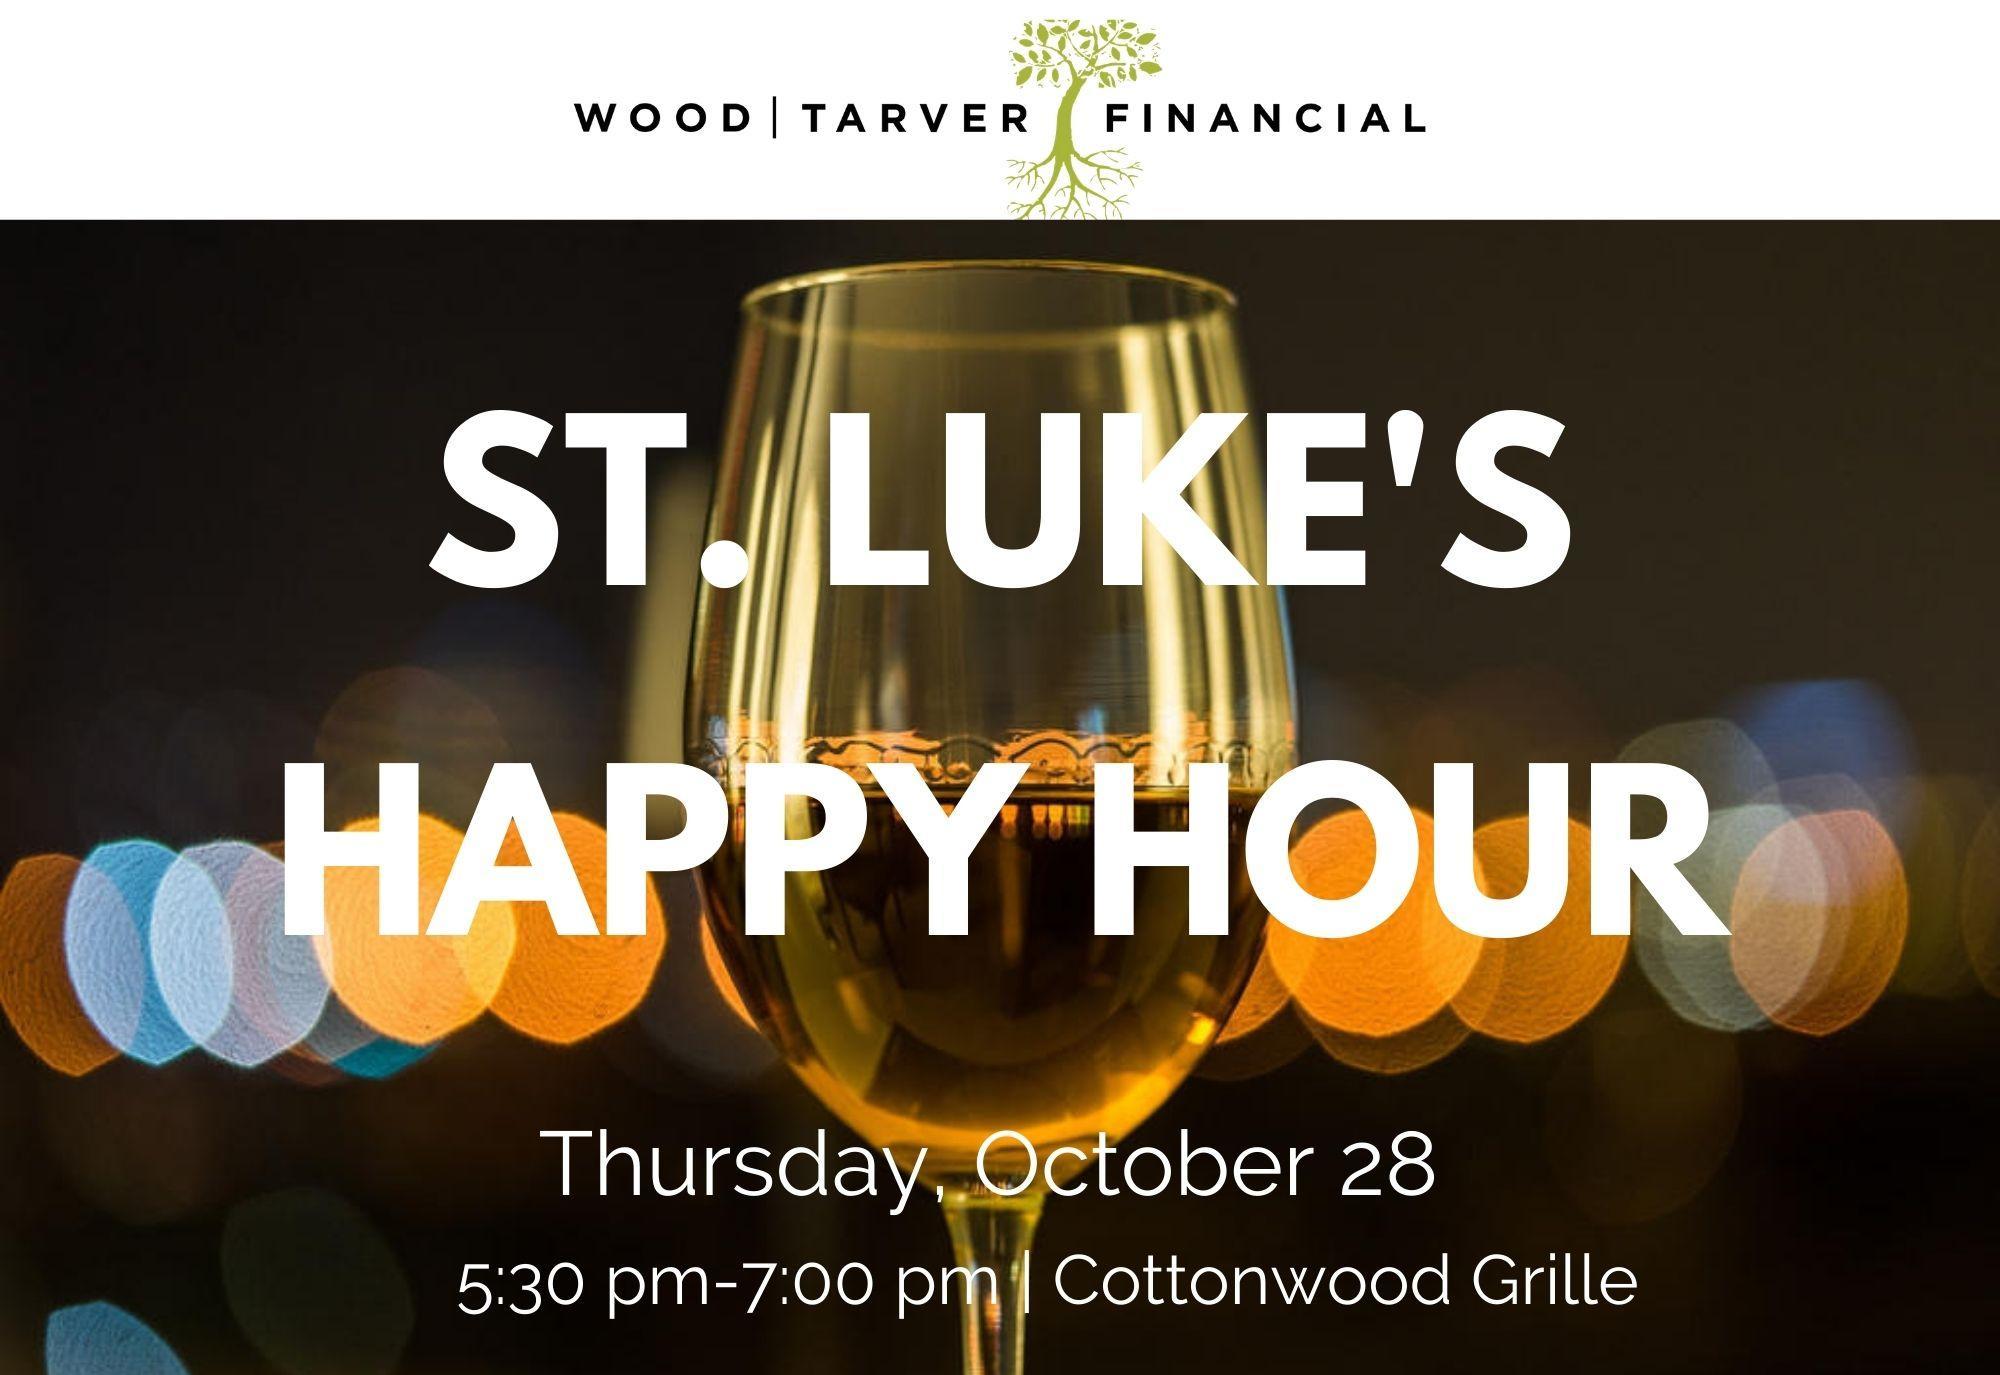 St. Luke's Happy Hour  Thumbnail